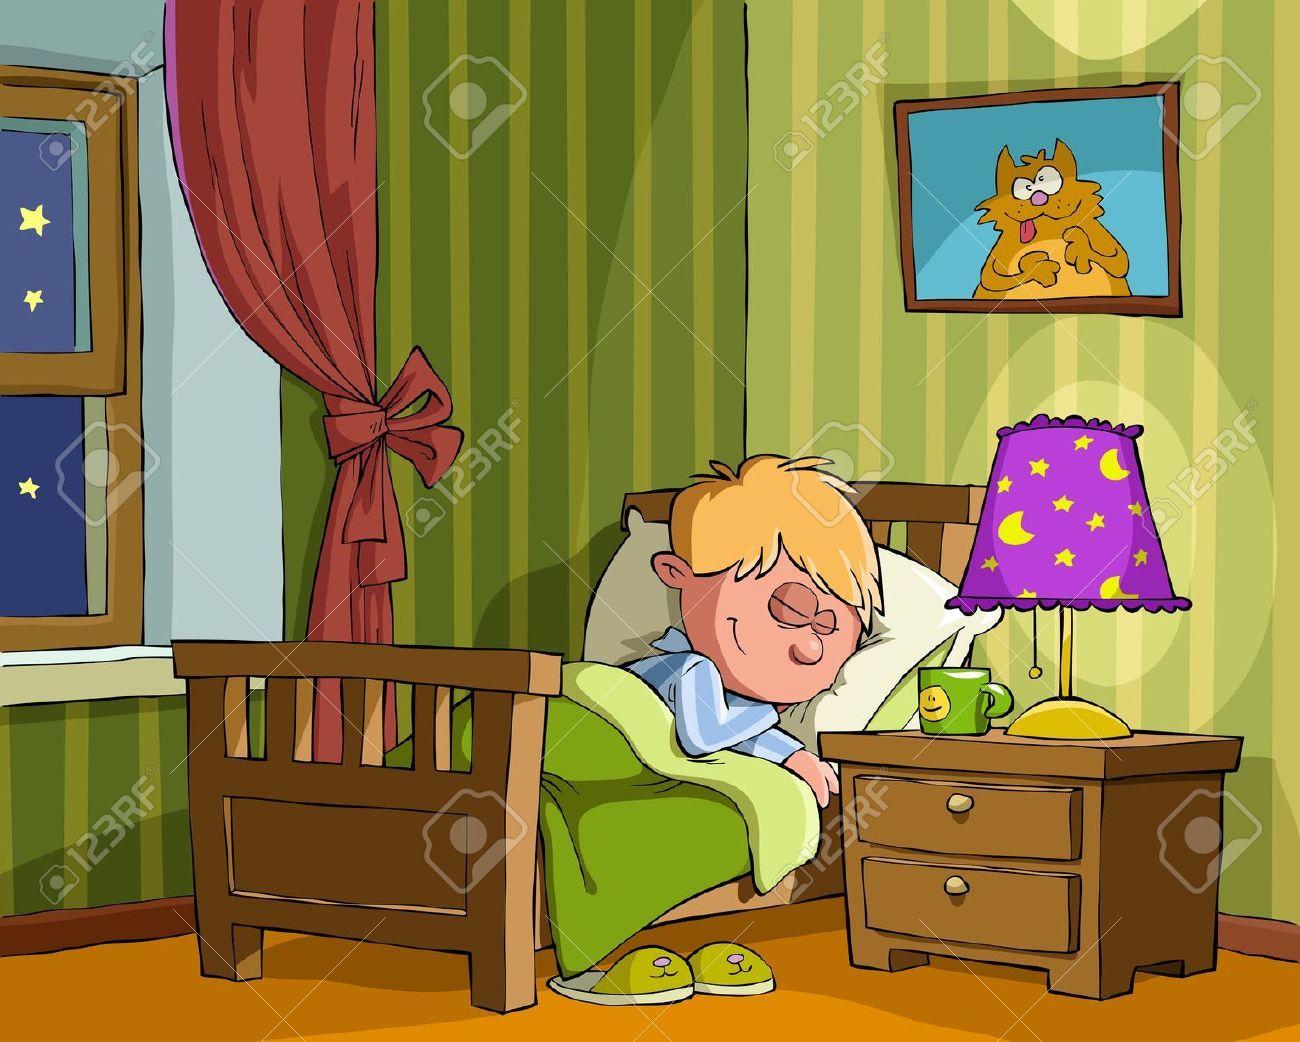 child bedroom cartoon draw   Google zoeken. child bedroom cartoon draw   Google zoeken   Q2 Moodboard